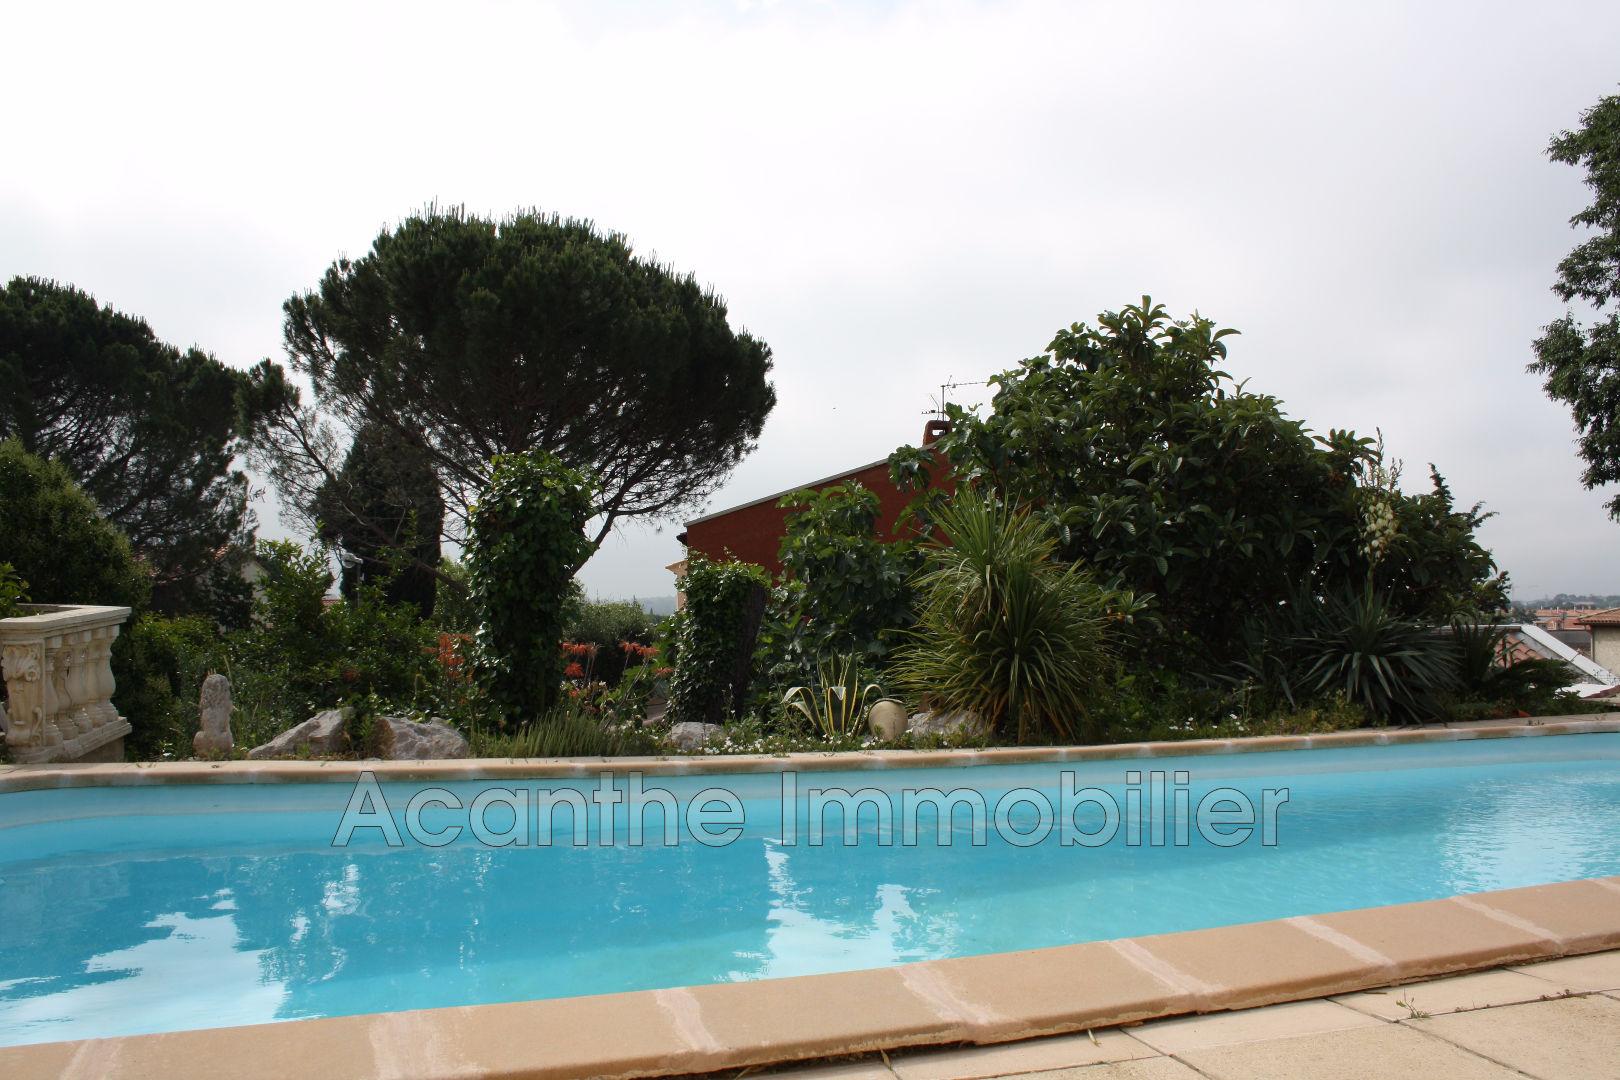 Vente maison castelnau le lez 34170 585 000 for Piscine castelnau le lez